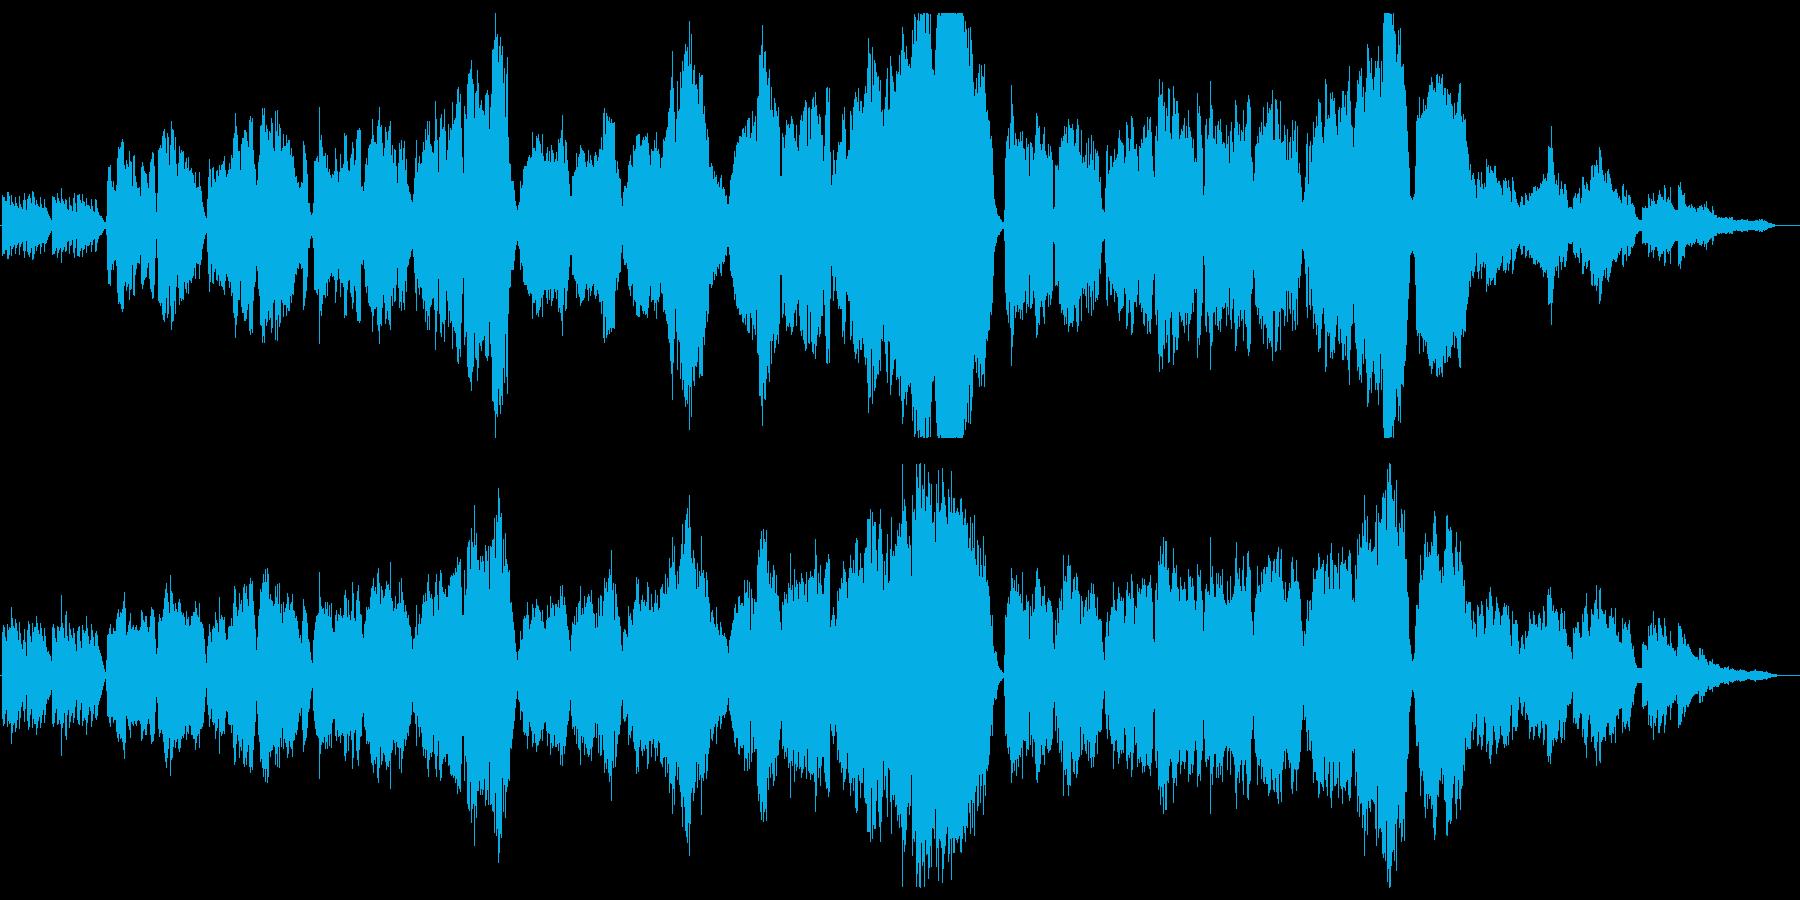 琴と尺八、弦楽合奏によるバラードの再生済みの波形